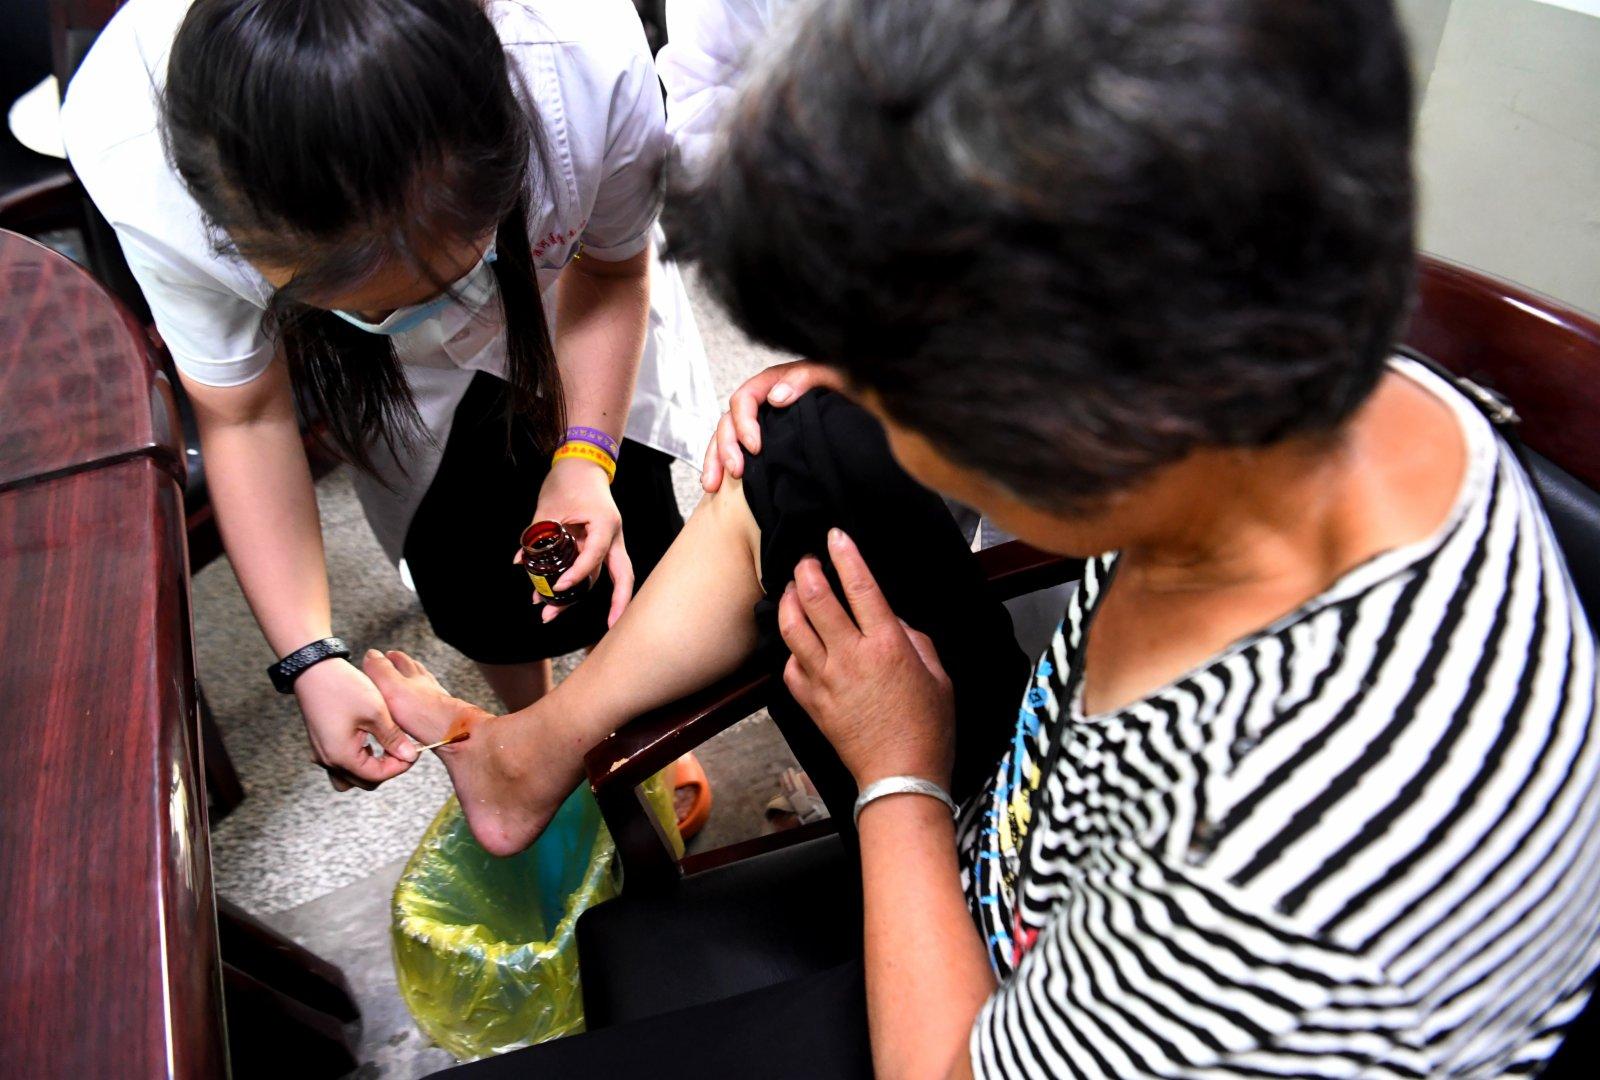 醫護人員在河南省新鄉市第二中學臨時醫療救助點為轉移村民處理傷口。